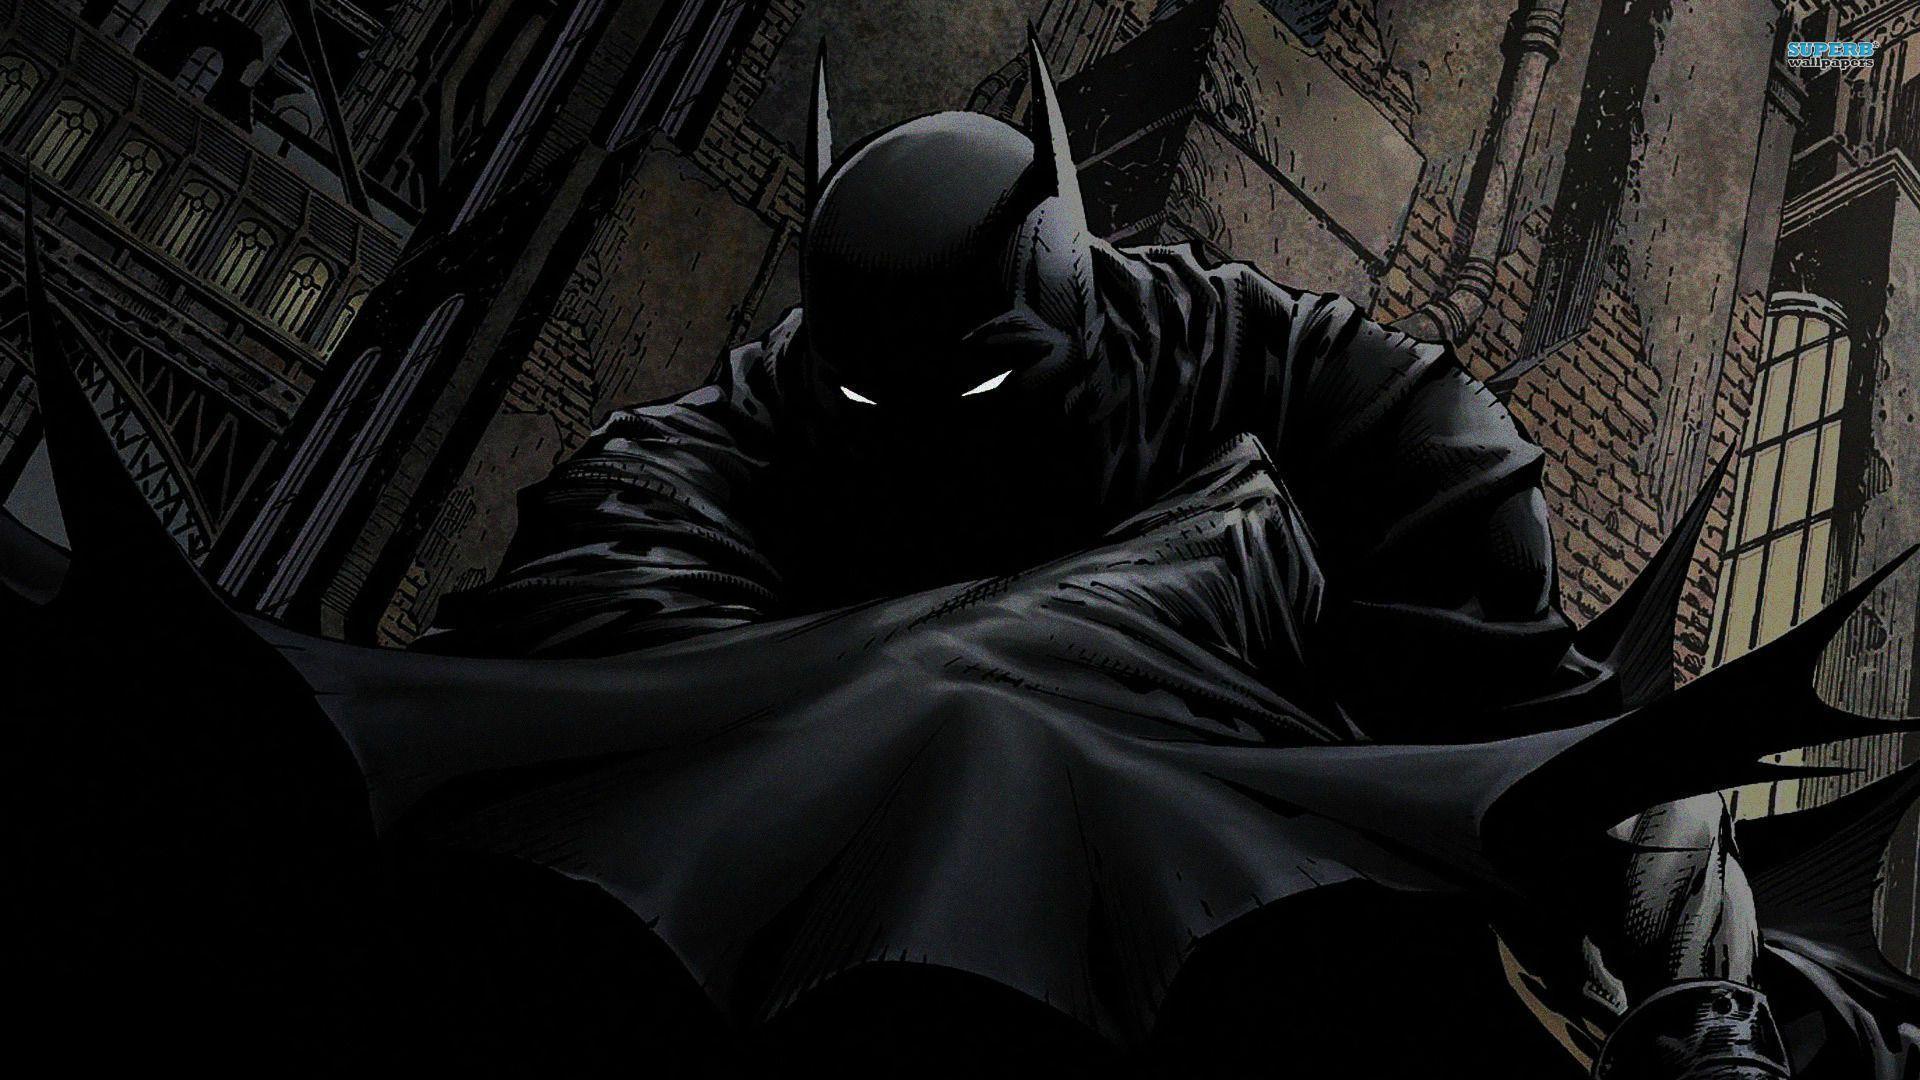 Batman Wallpapers - Wallpaper Cave